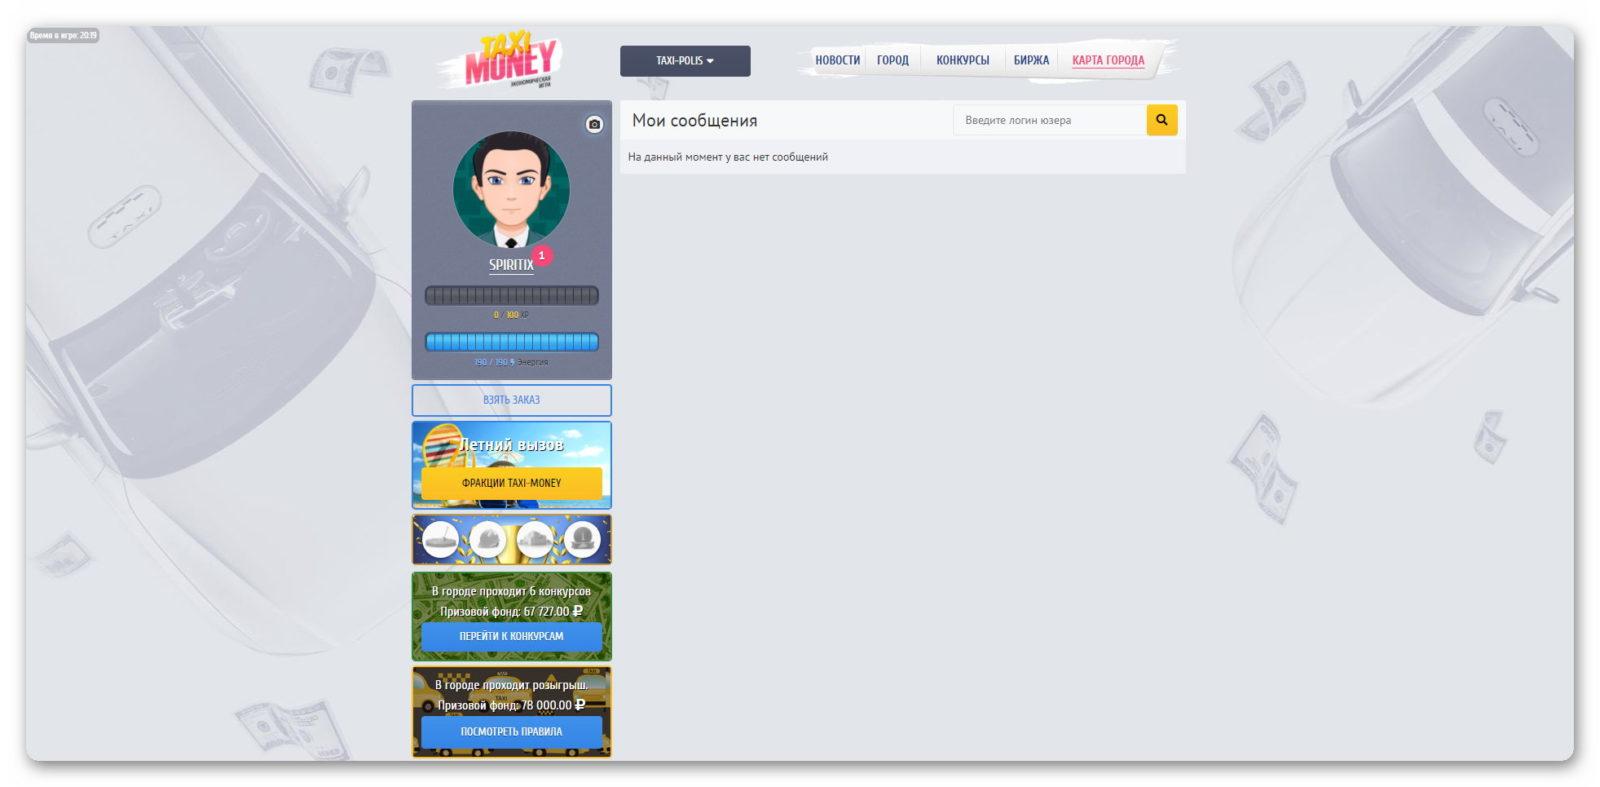 Мои сообщения в игре Taxi-Money